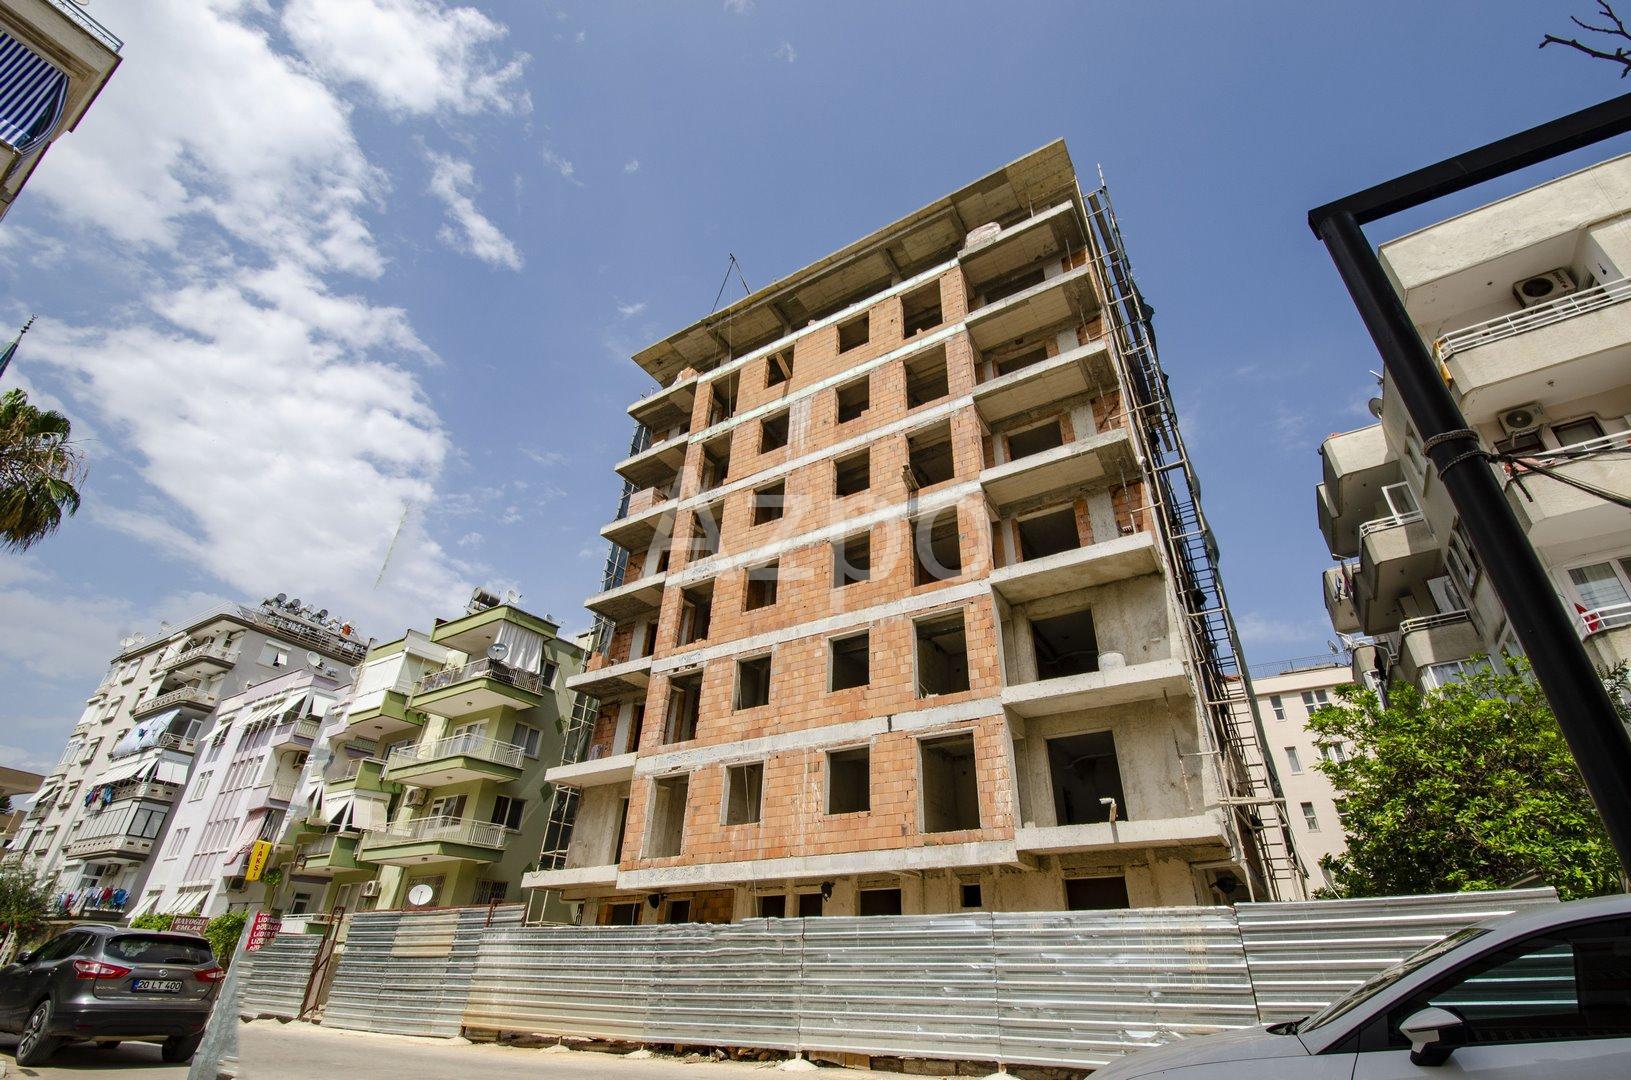 Инвестиционный проект в центре города Анталии - Фото 2